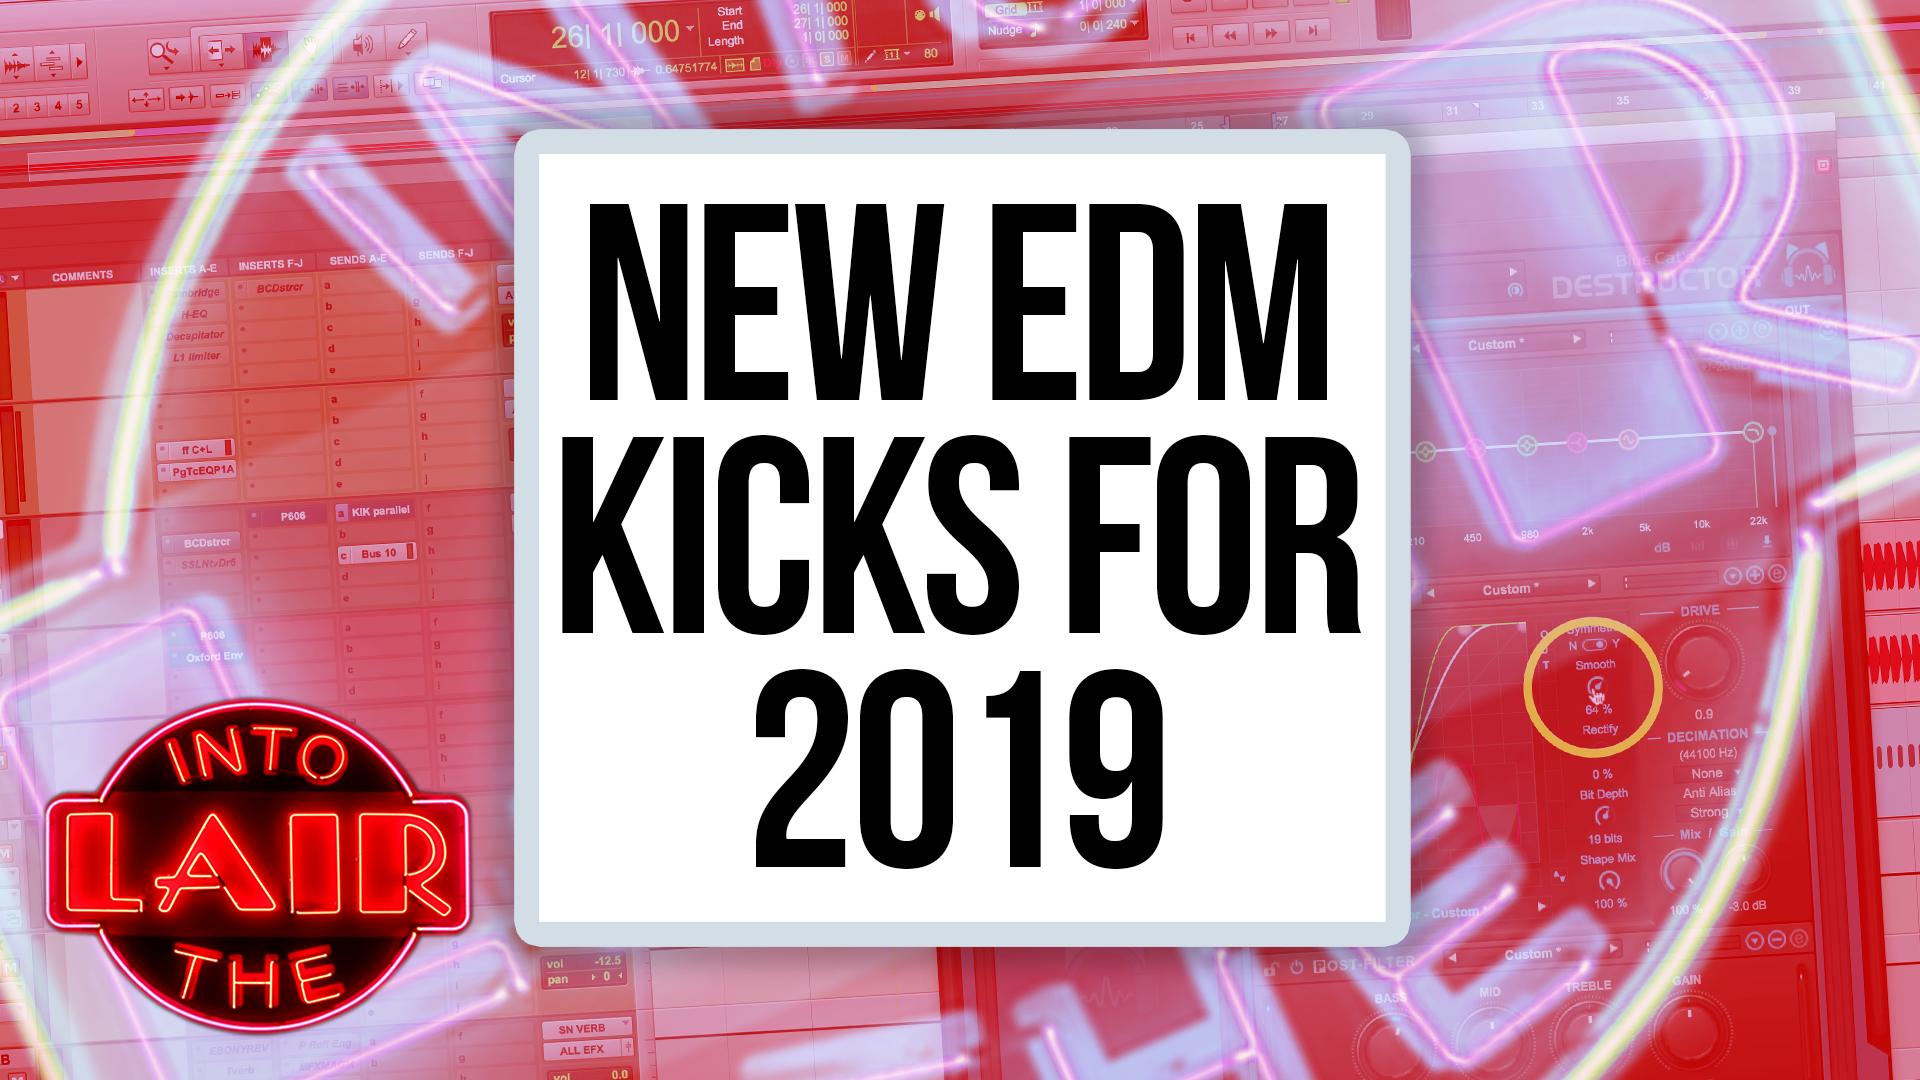 New EDM Kicks for 2019